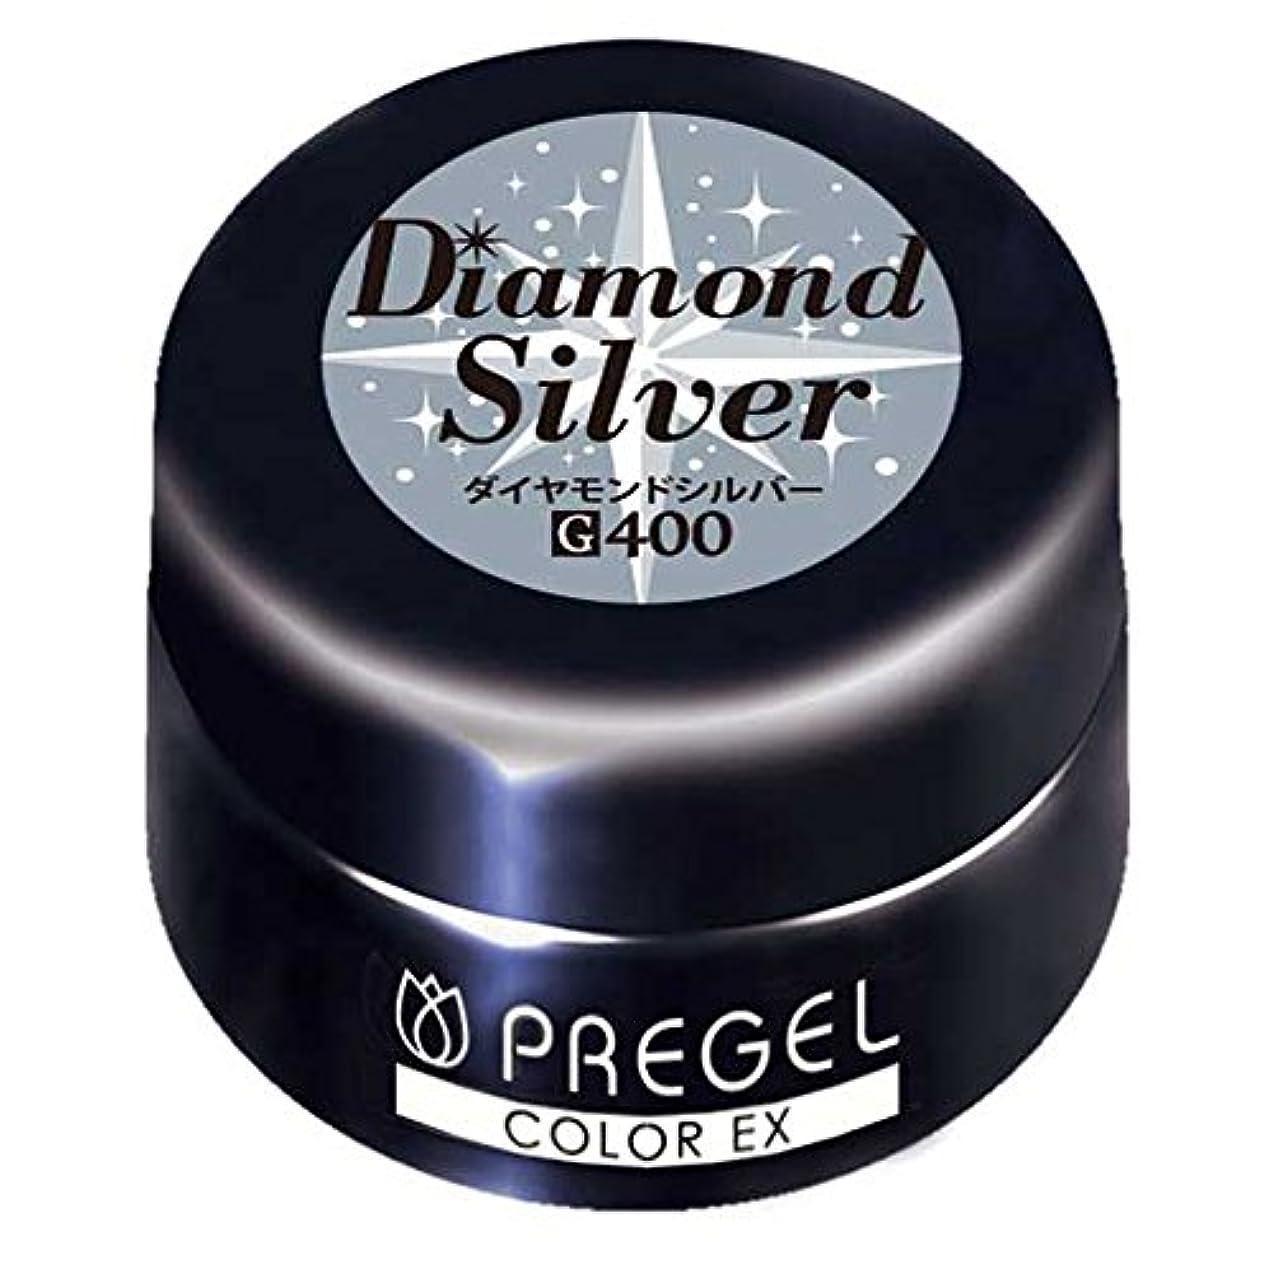 ペンス測定任命PRE GEL カラーEX ダイヤモンドシルバーCE400 UV/LED対応 カラージェル